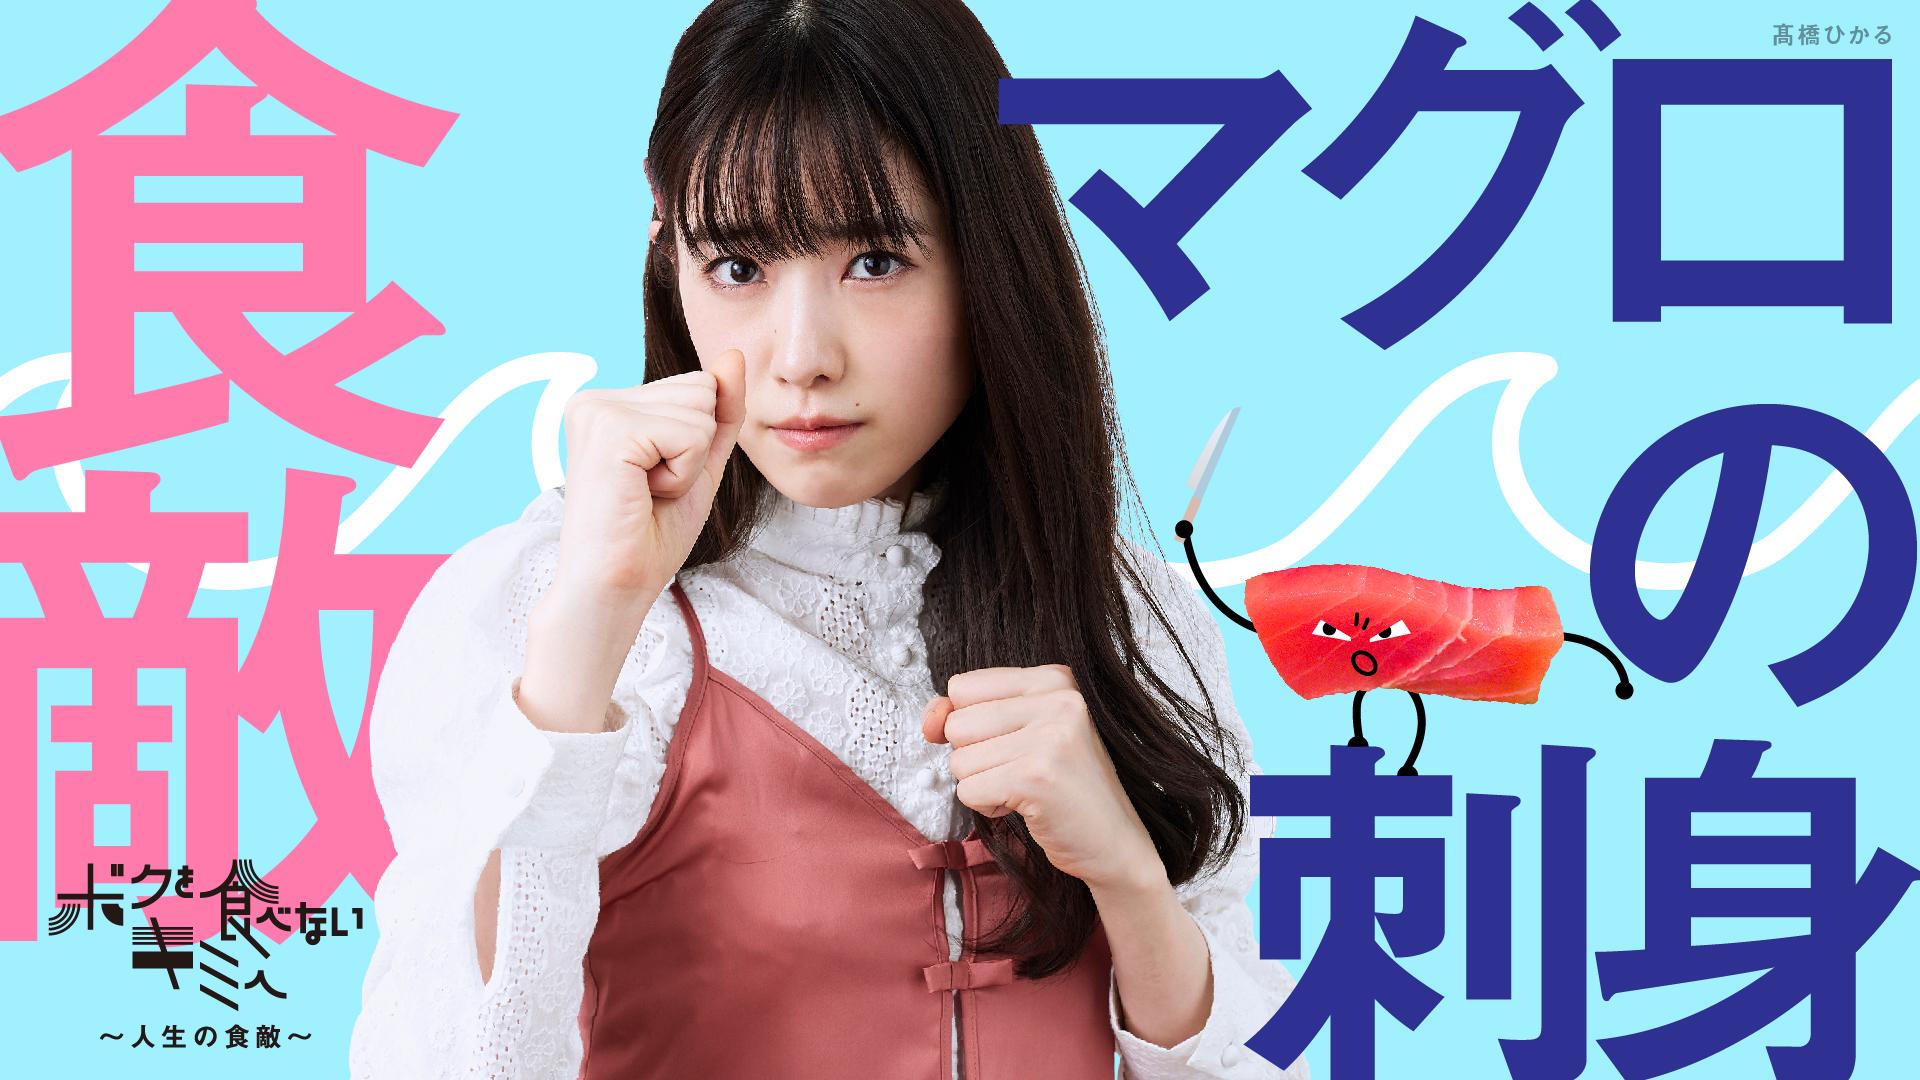 【髙橋ひかる】1月4日・1月11日、NHKEテレ「ボクを食べないキミへ〜人生の食敵〜」出演!